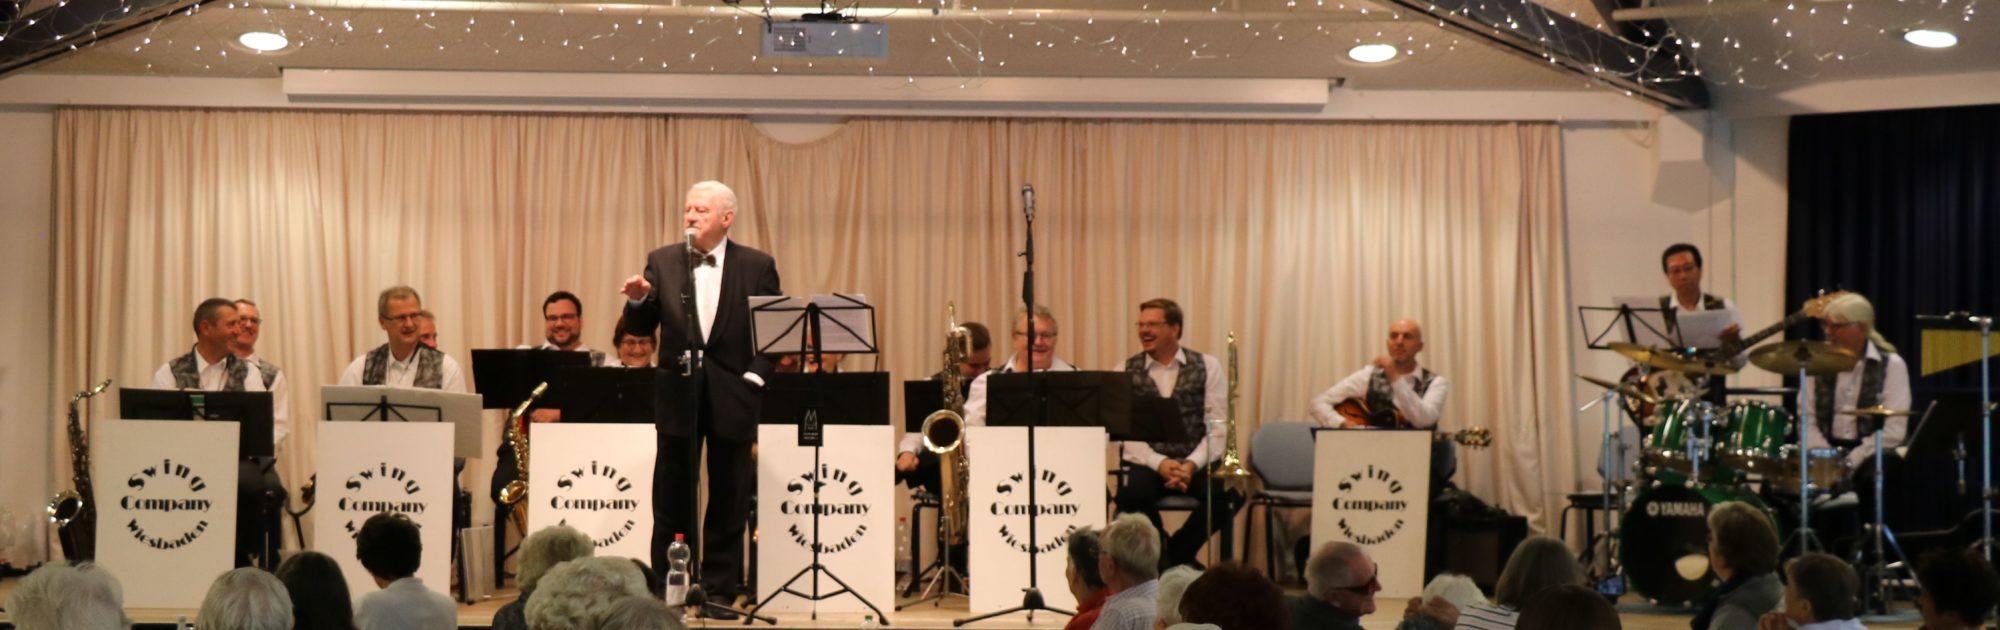 Swing Company Wiesbaden